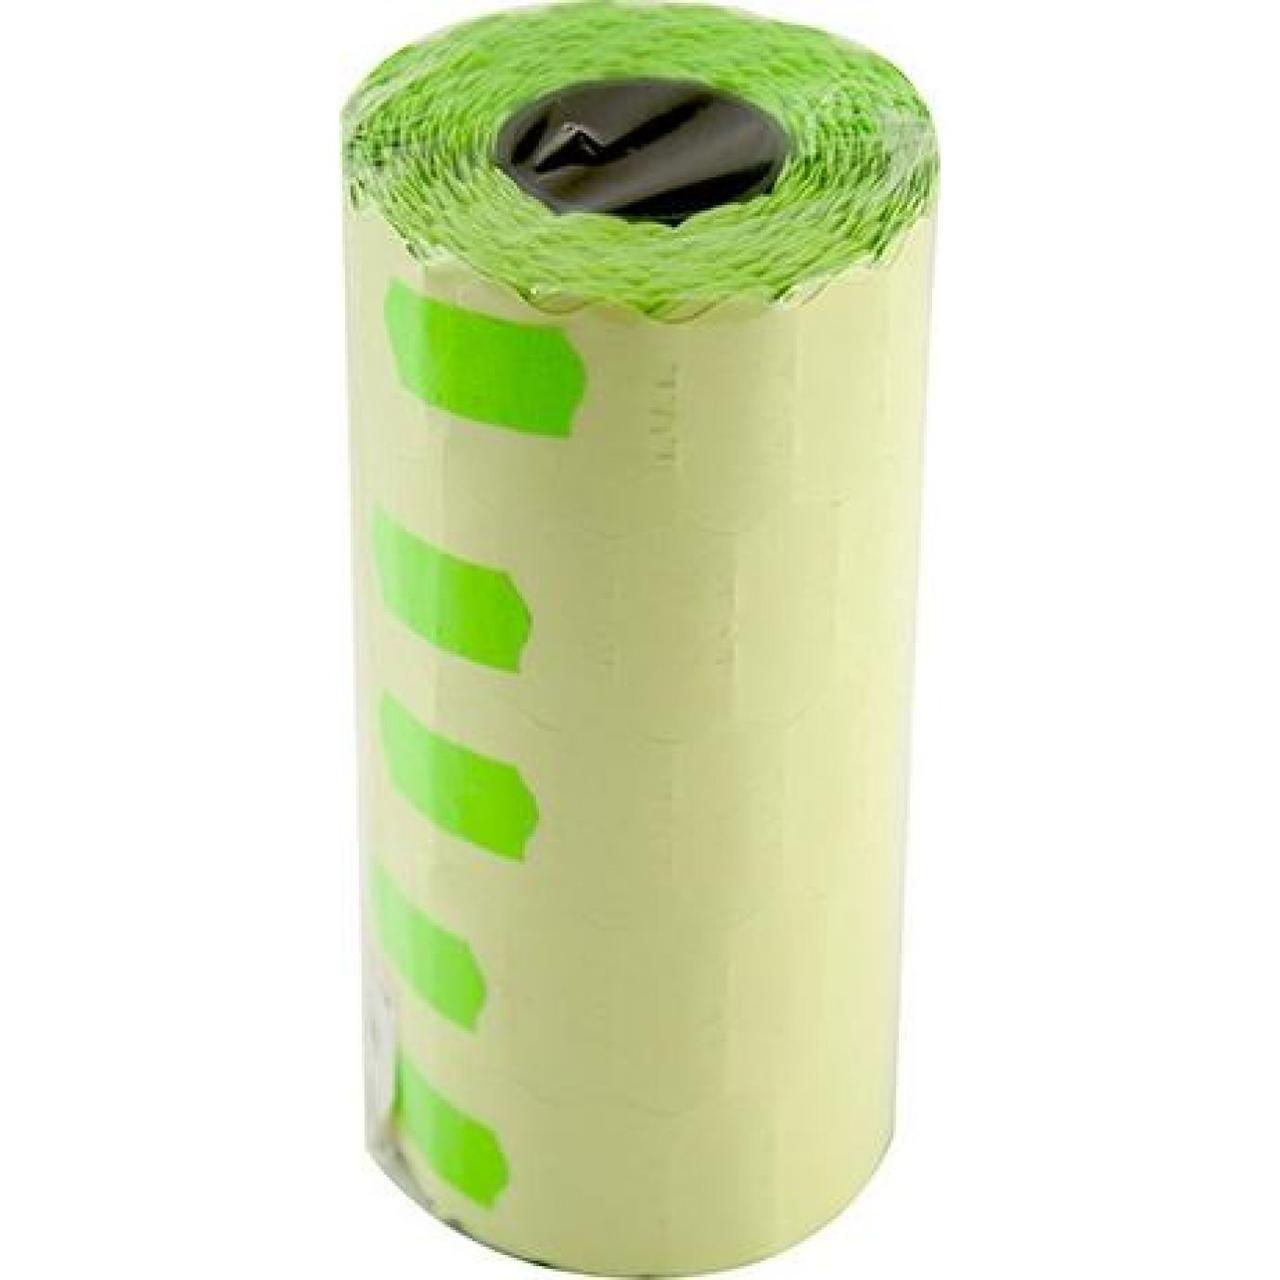 Цінник клейкий в рулоні маленький 15м 12х25мм 1200 шт. зелений (5) (125)